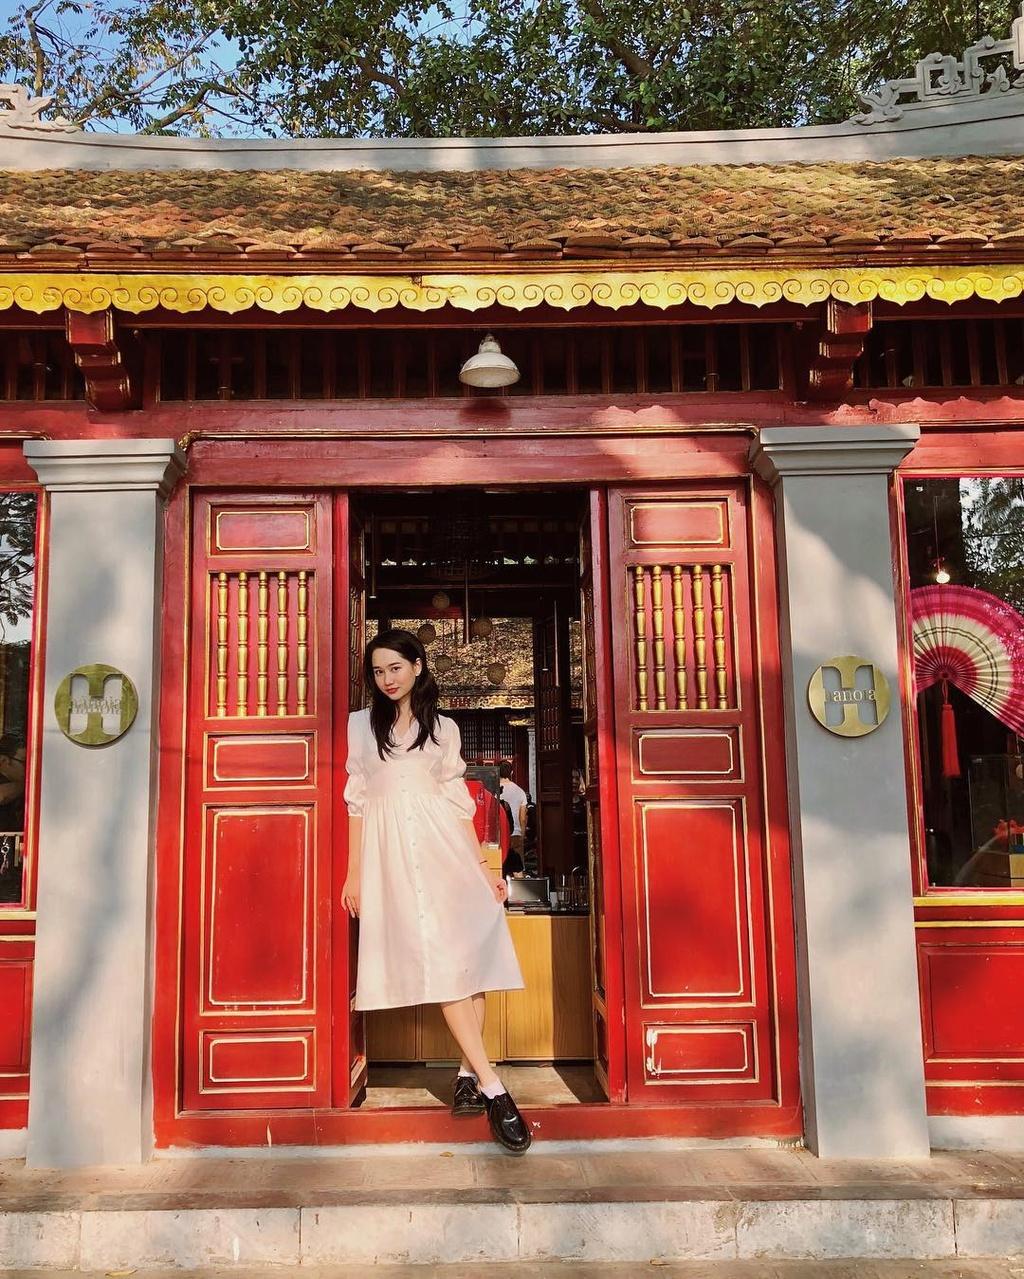 Ha Lan 'Mat biec' chuong style nang tho, Hong thich kieu truong thanh hinh anh 4 51287975_1971719706259836_1549029419453550623_n.jpg